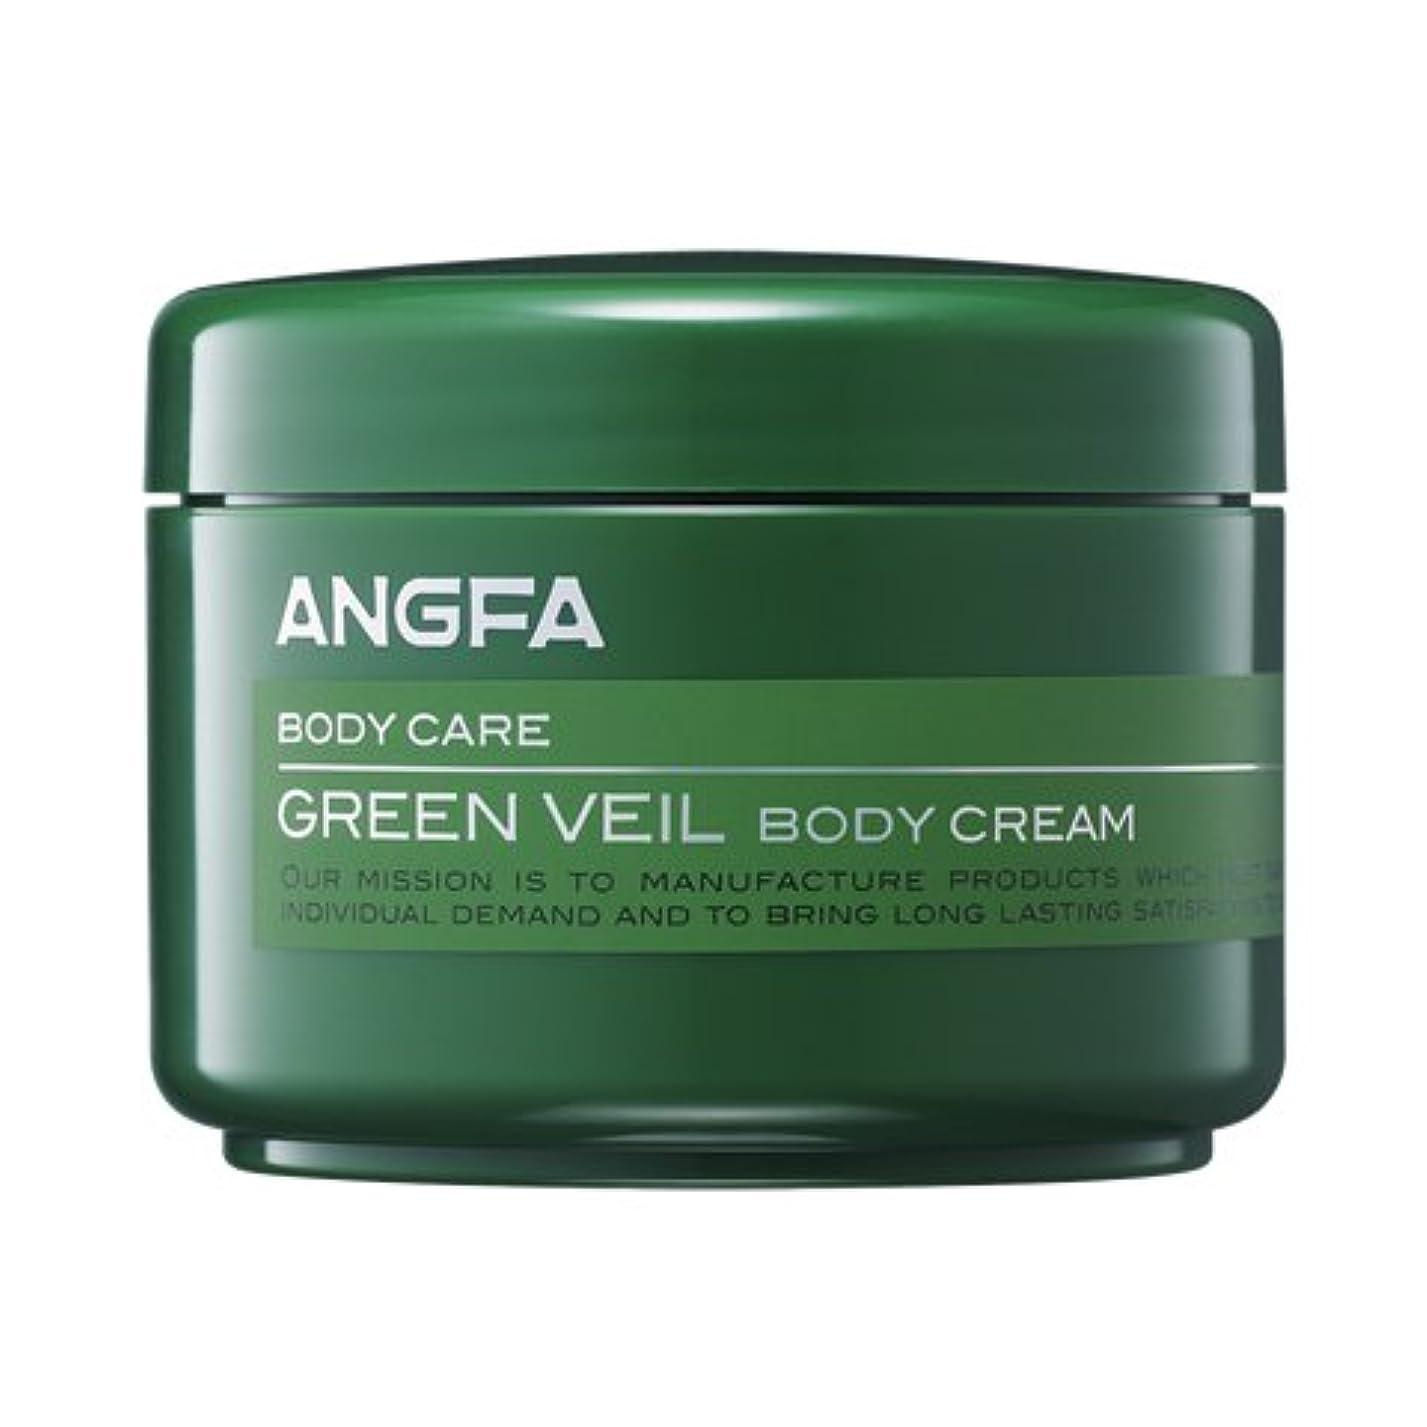 例外無臭空虚アンファー (ANGFA) グリーンベール 薬用ボディクリーム 45g グリーンフローラル [乾燥?保湿] かゆみ肌